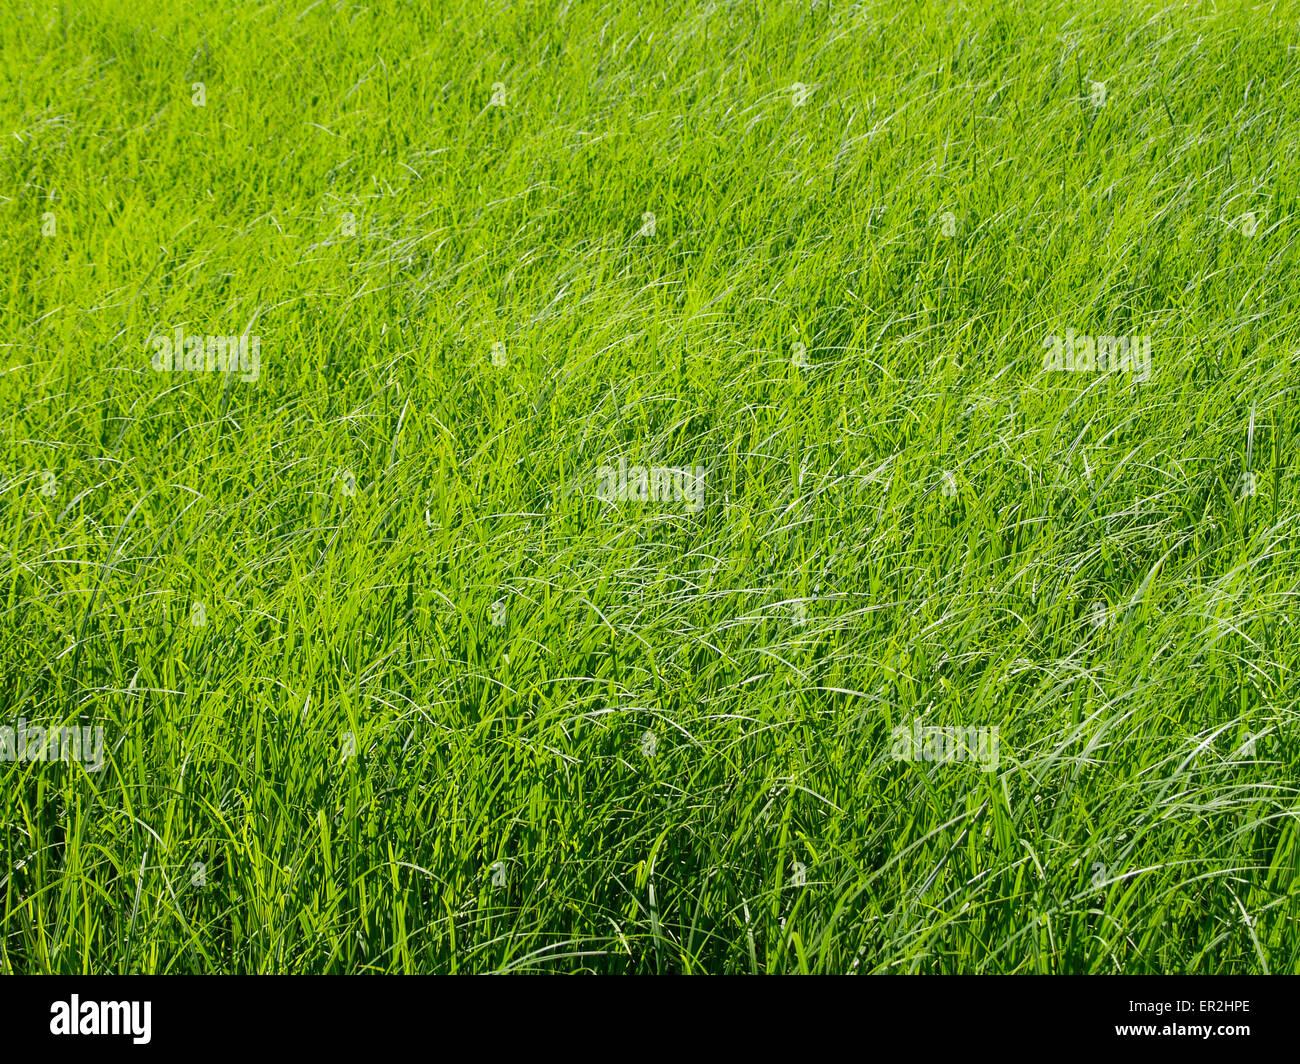 Wiese, Grashalme, Sonnenlicht, Natur, Pflanzen, Gras, Wachstum, wachsen, spriessen, frisch, sonnig, sommerlich, - Stock Image